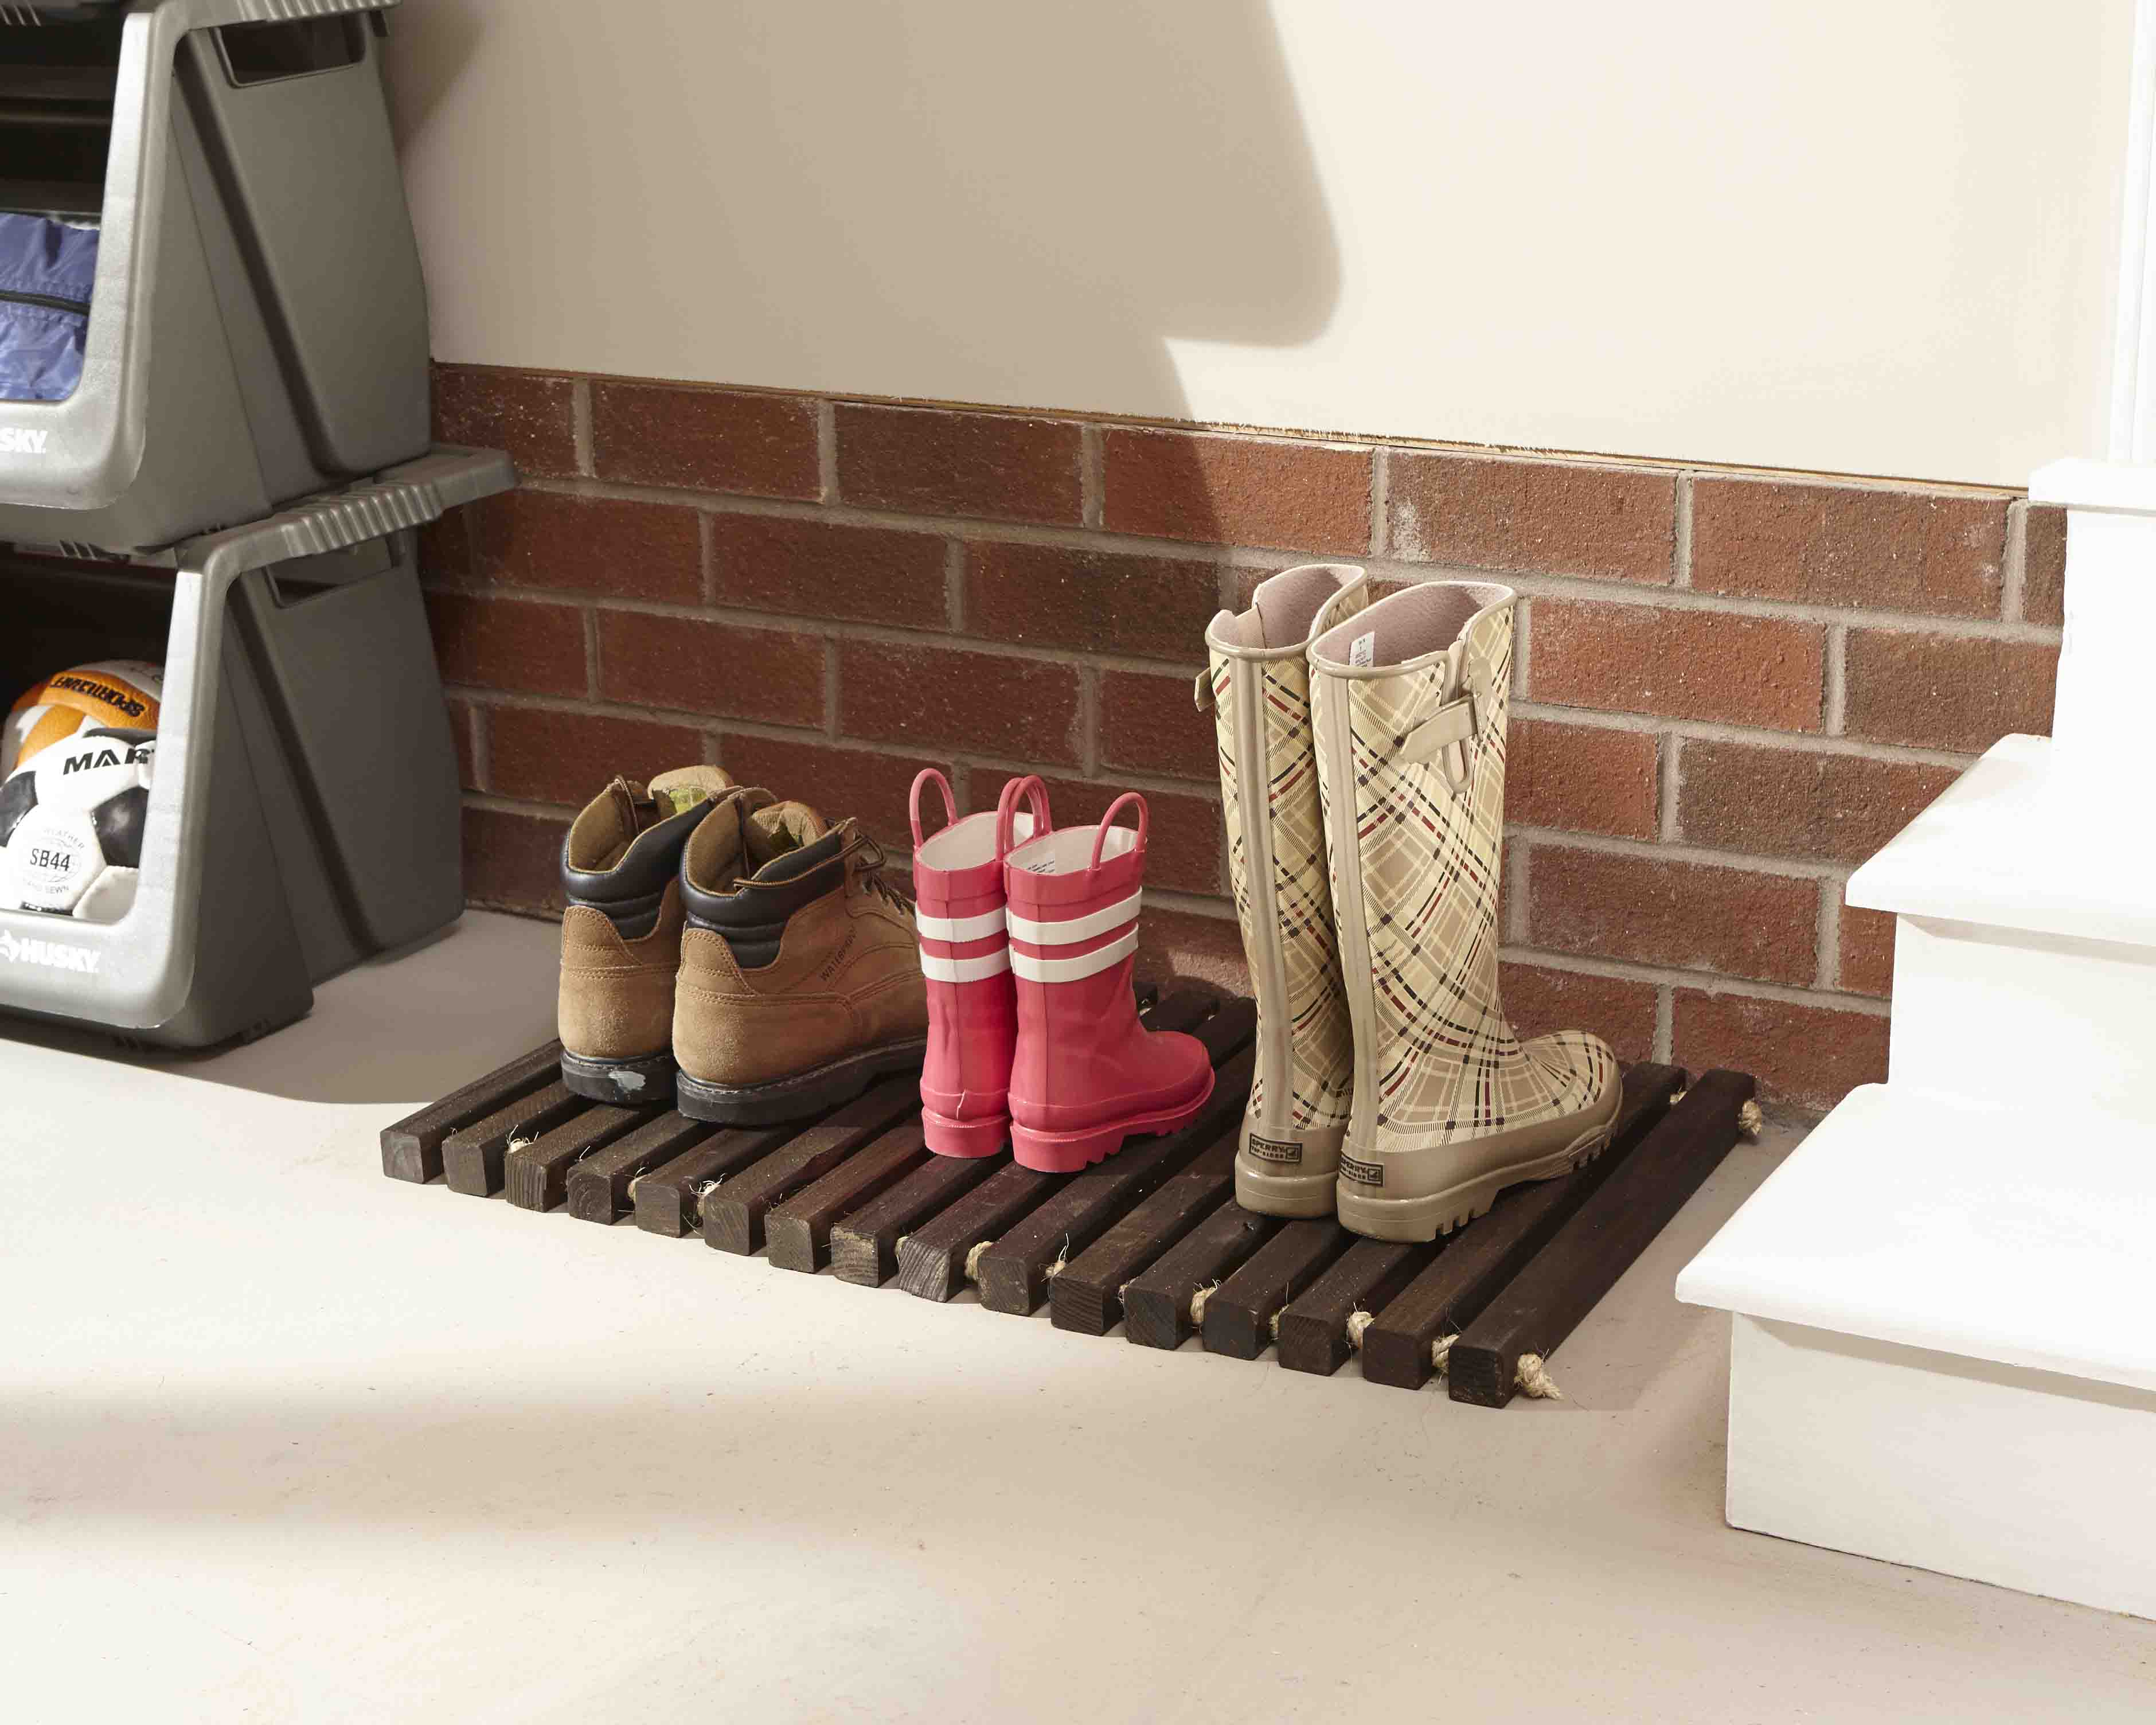 diy chair mat for hardwood floor replacement slings patio chairs lowes wooden door her tool belt